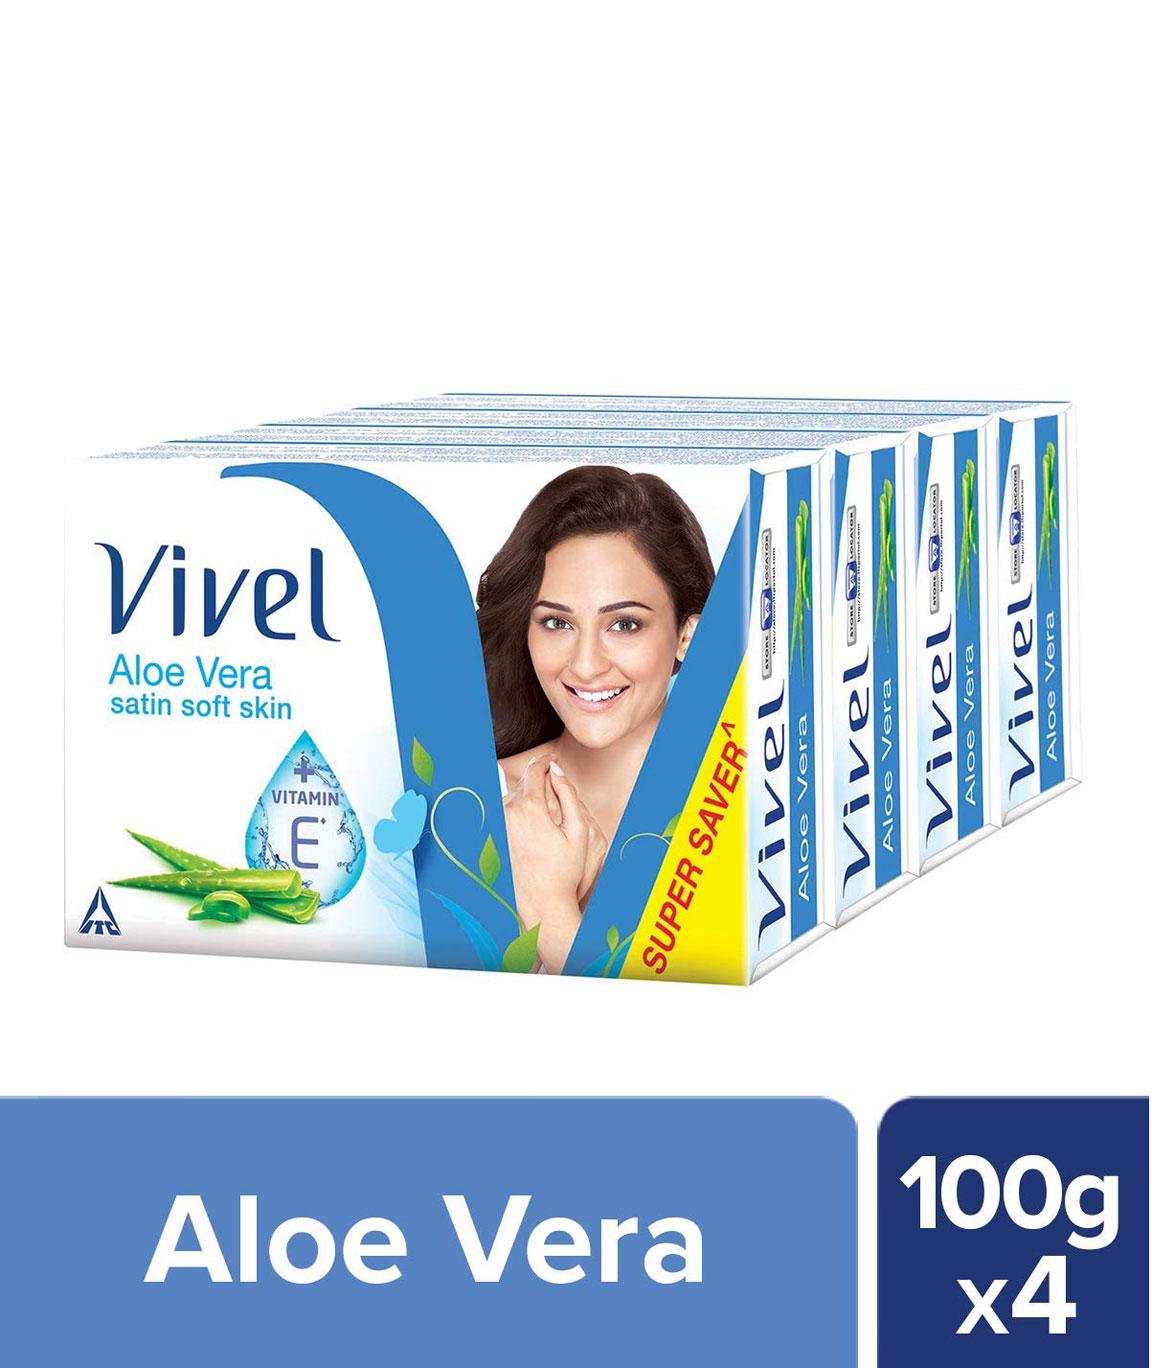 Vivel Aloe Vera Bathing Bar, 100gm (Pack of 4)